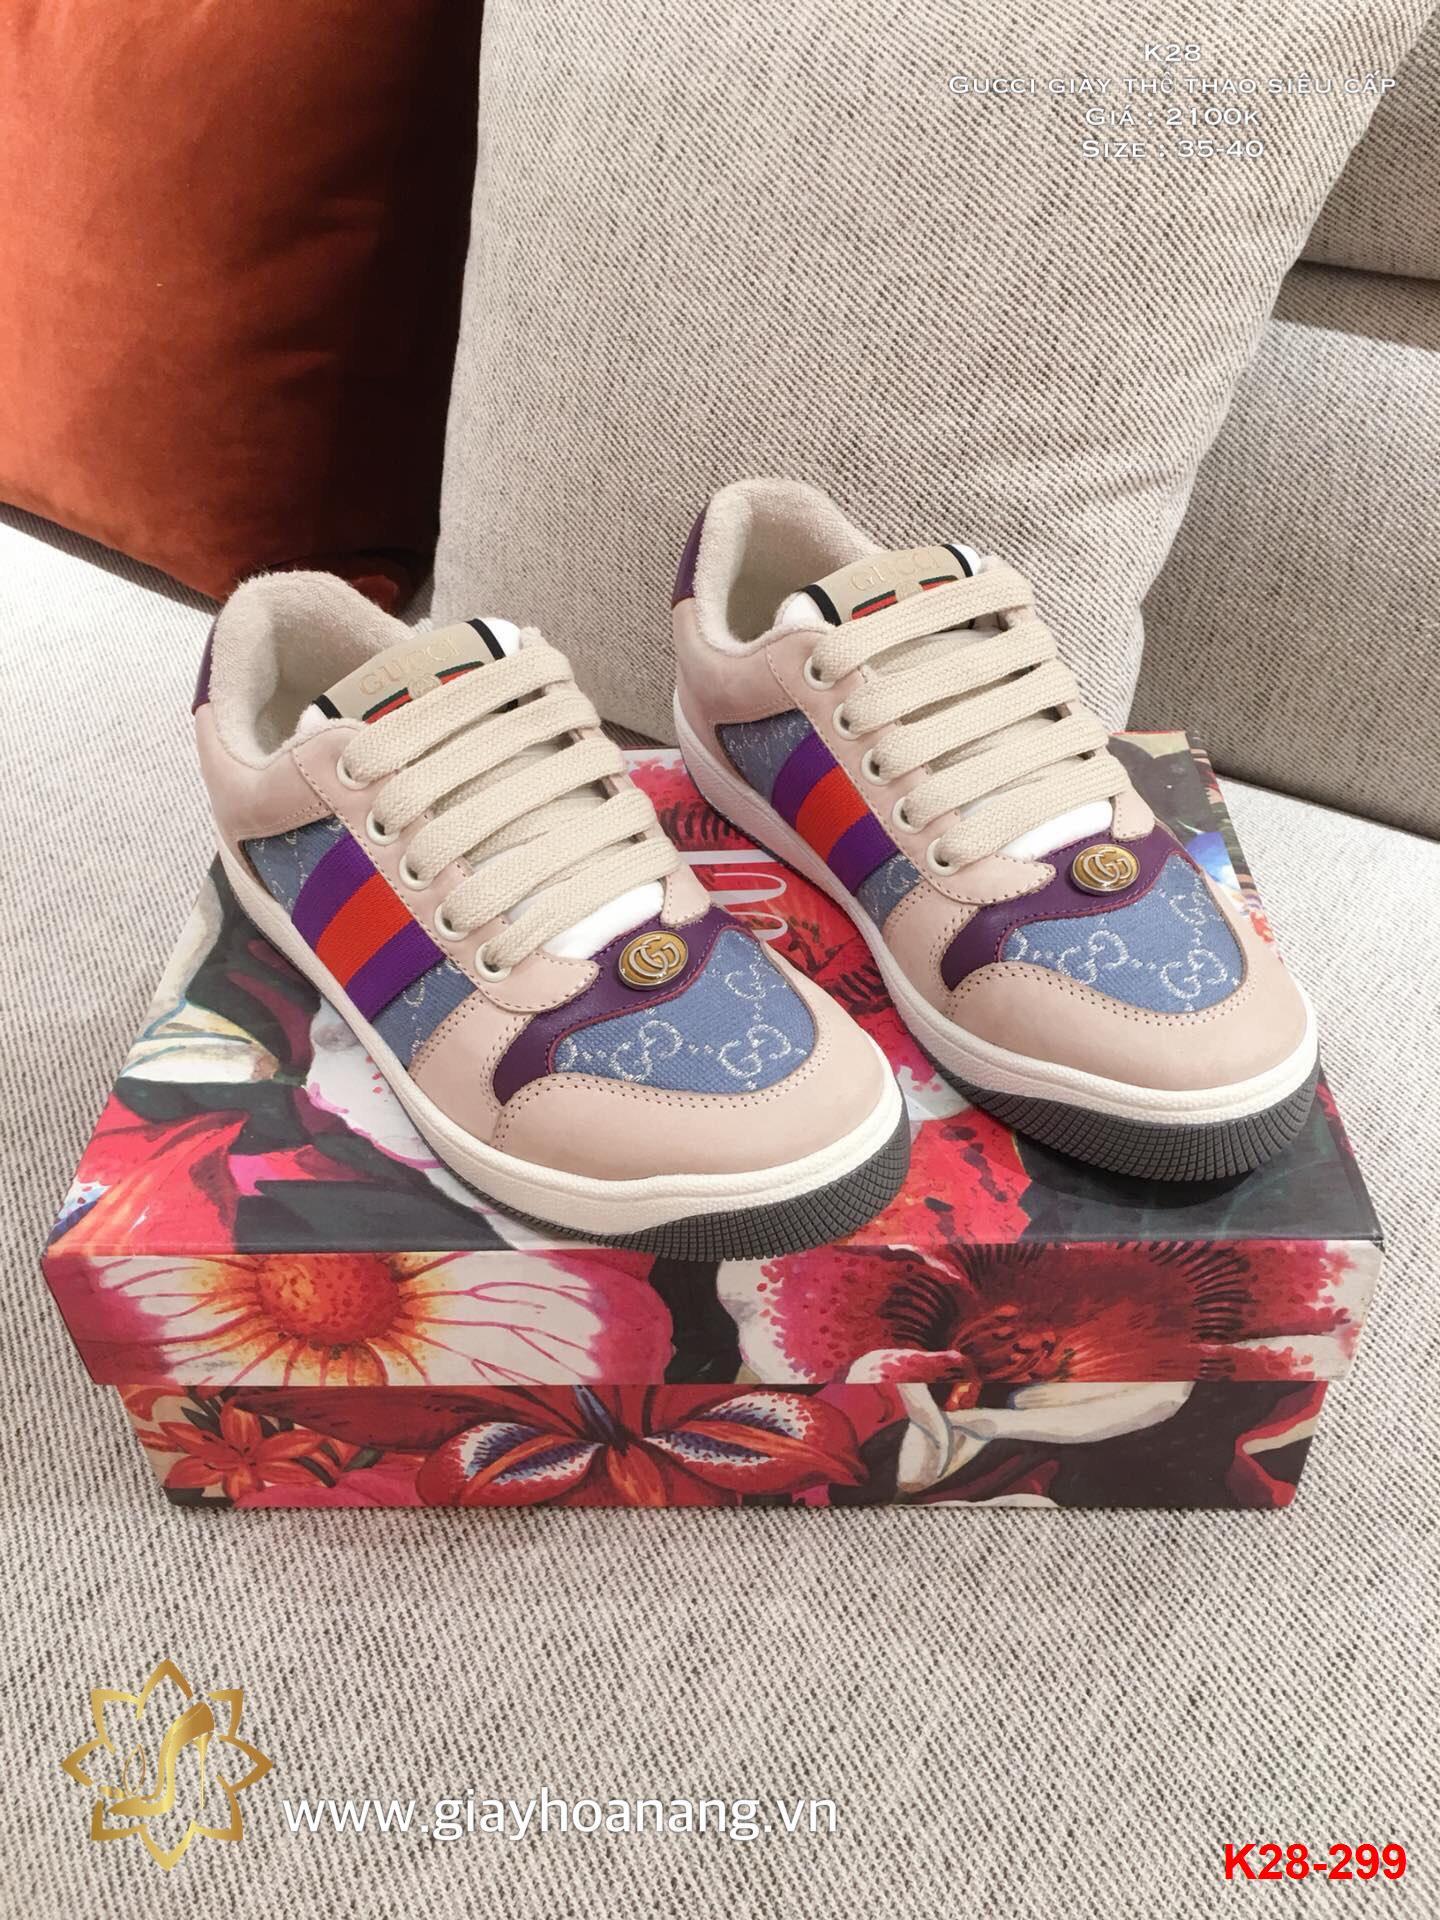 K28-299 Gucci giày thể thao siêu cấp